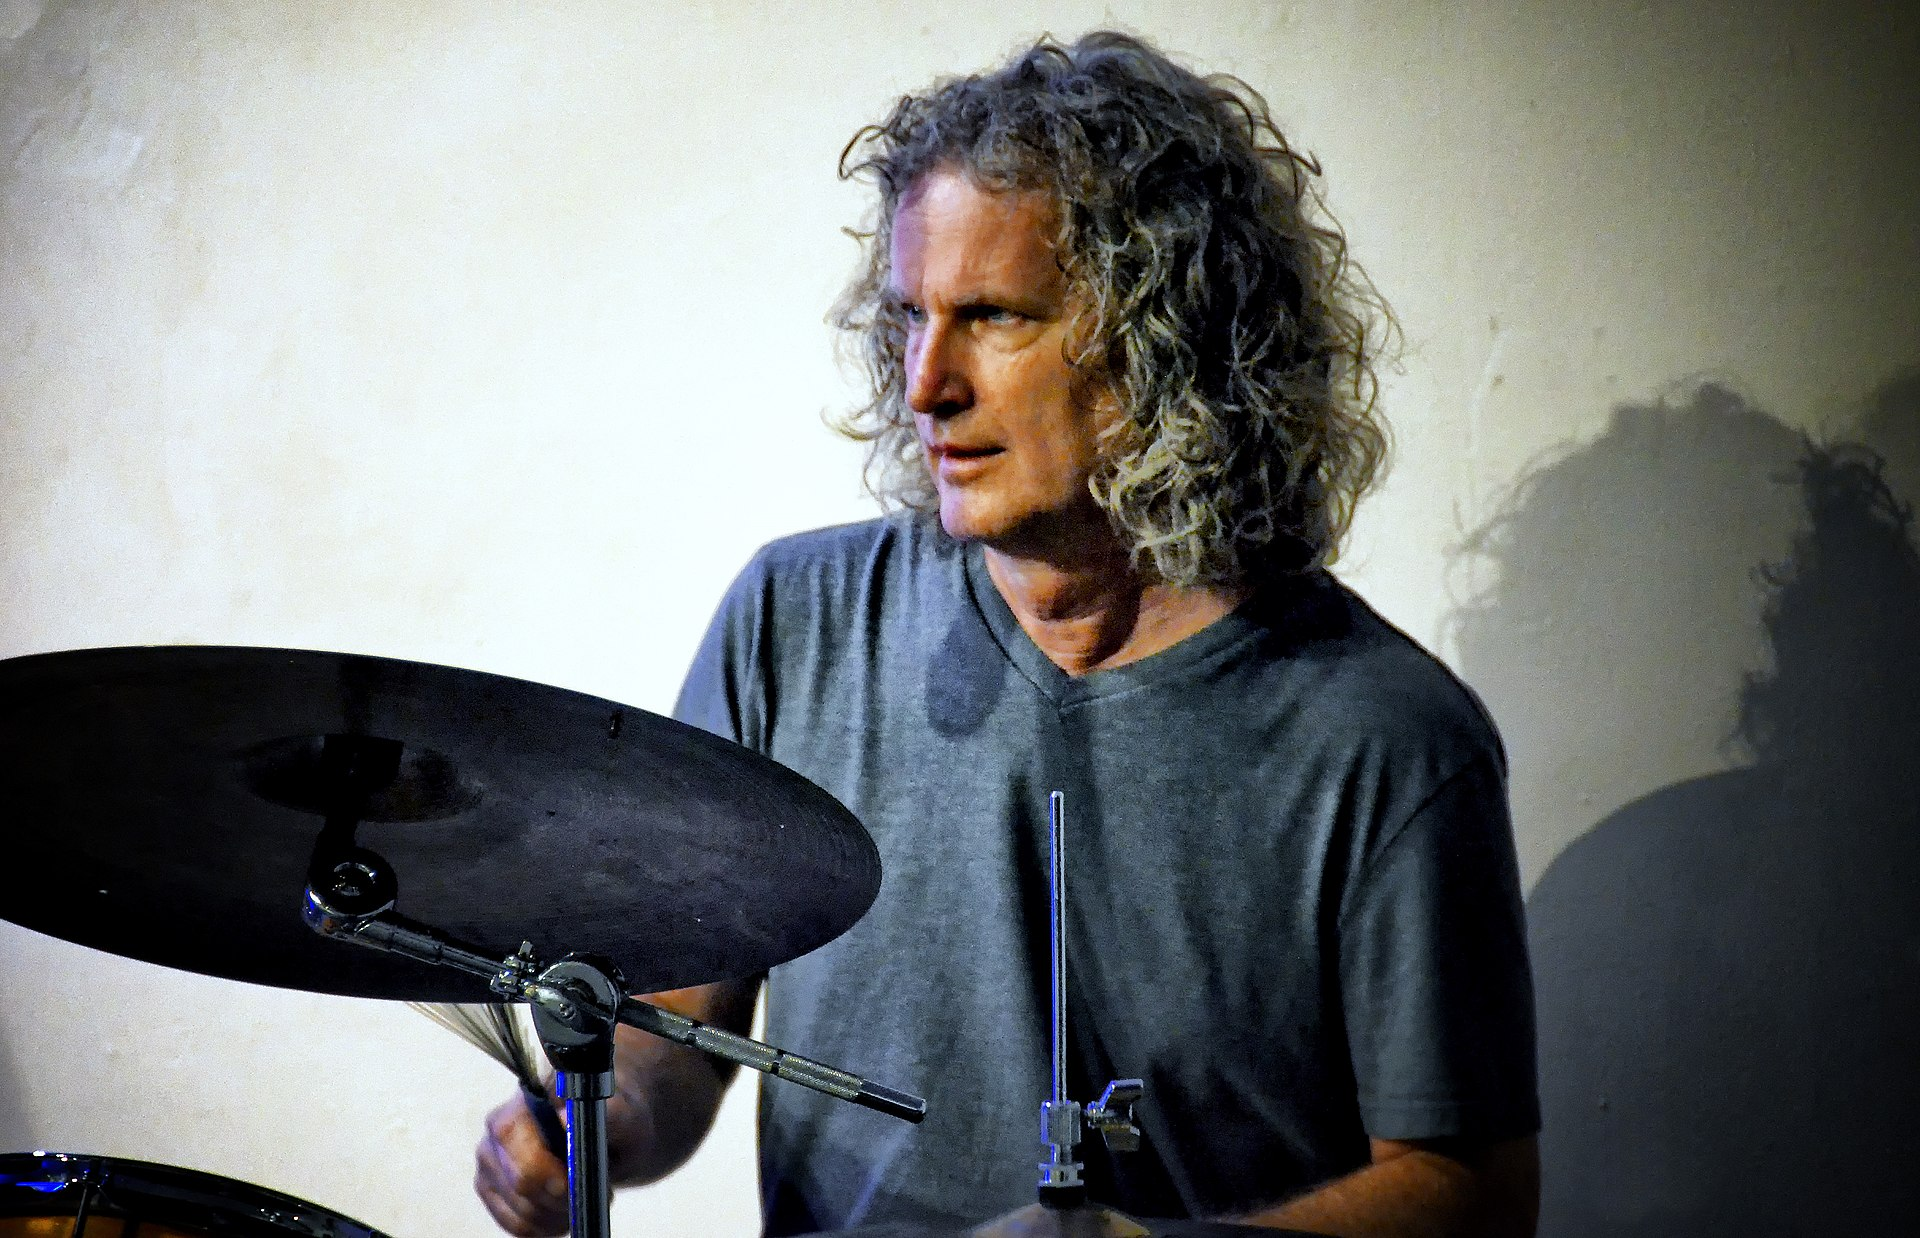 Steve Rucker